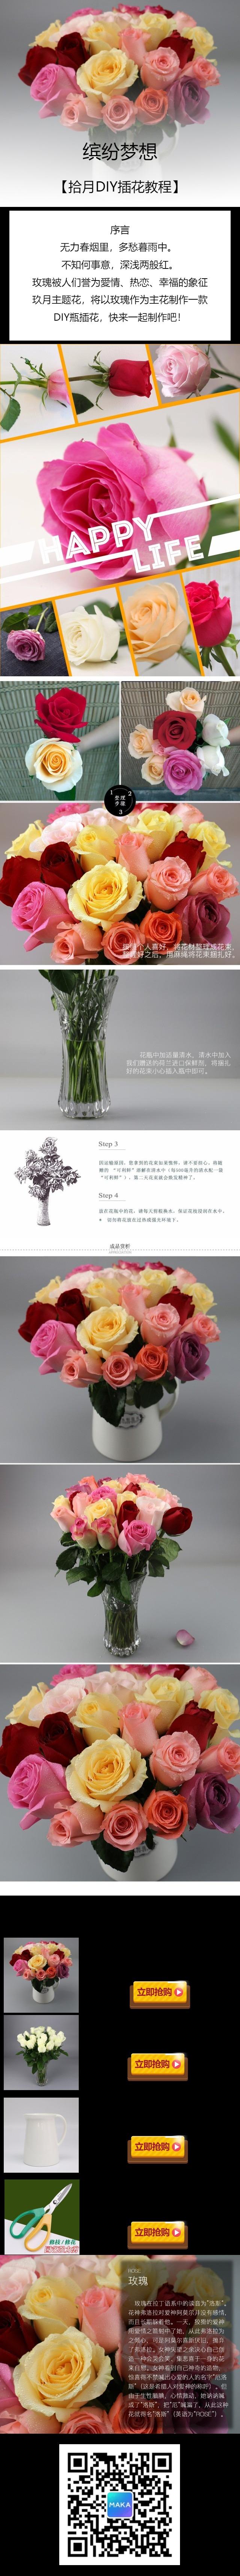 清新风格鲜花插花教程花店宣传单页模板